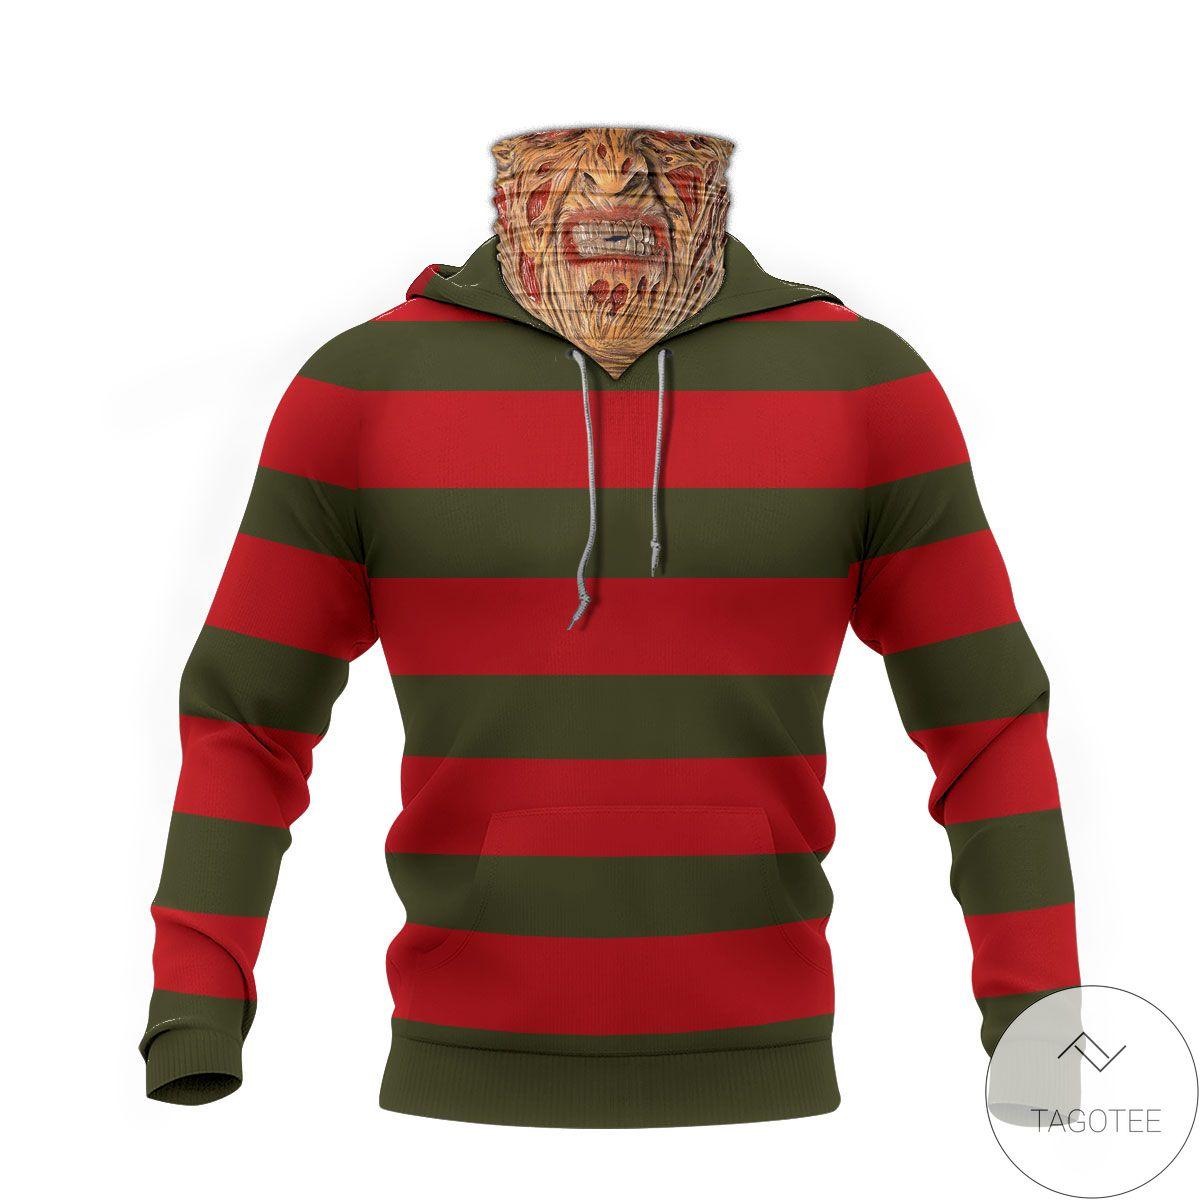 Luxury Freddy Krueger Horror Movie Halloween Mask Hoodie